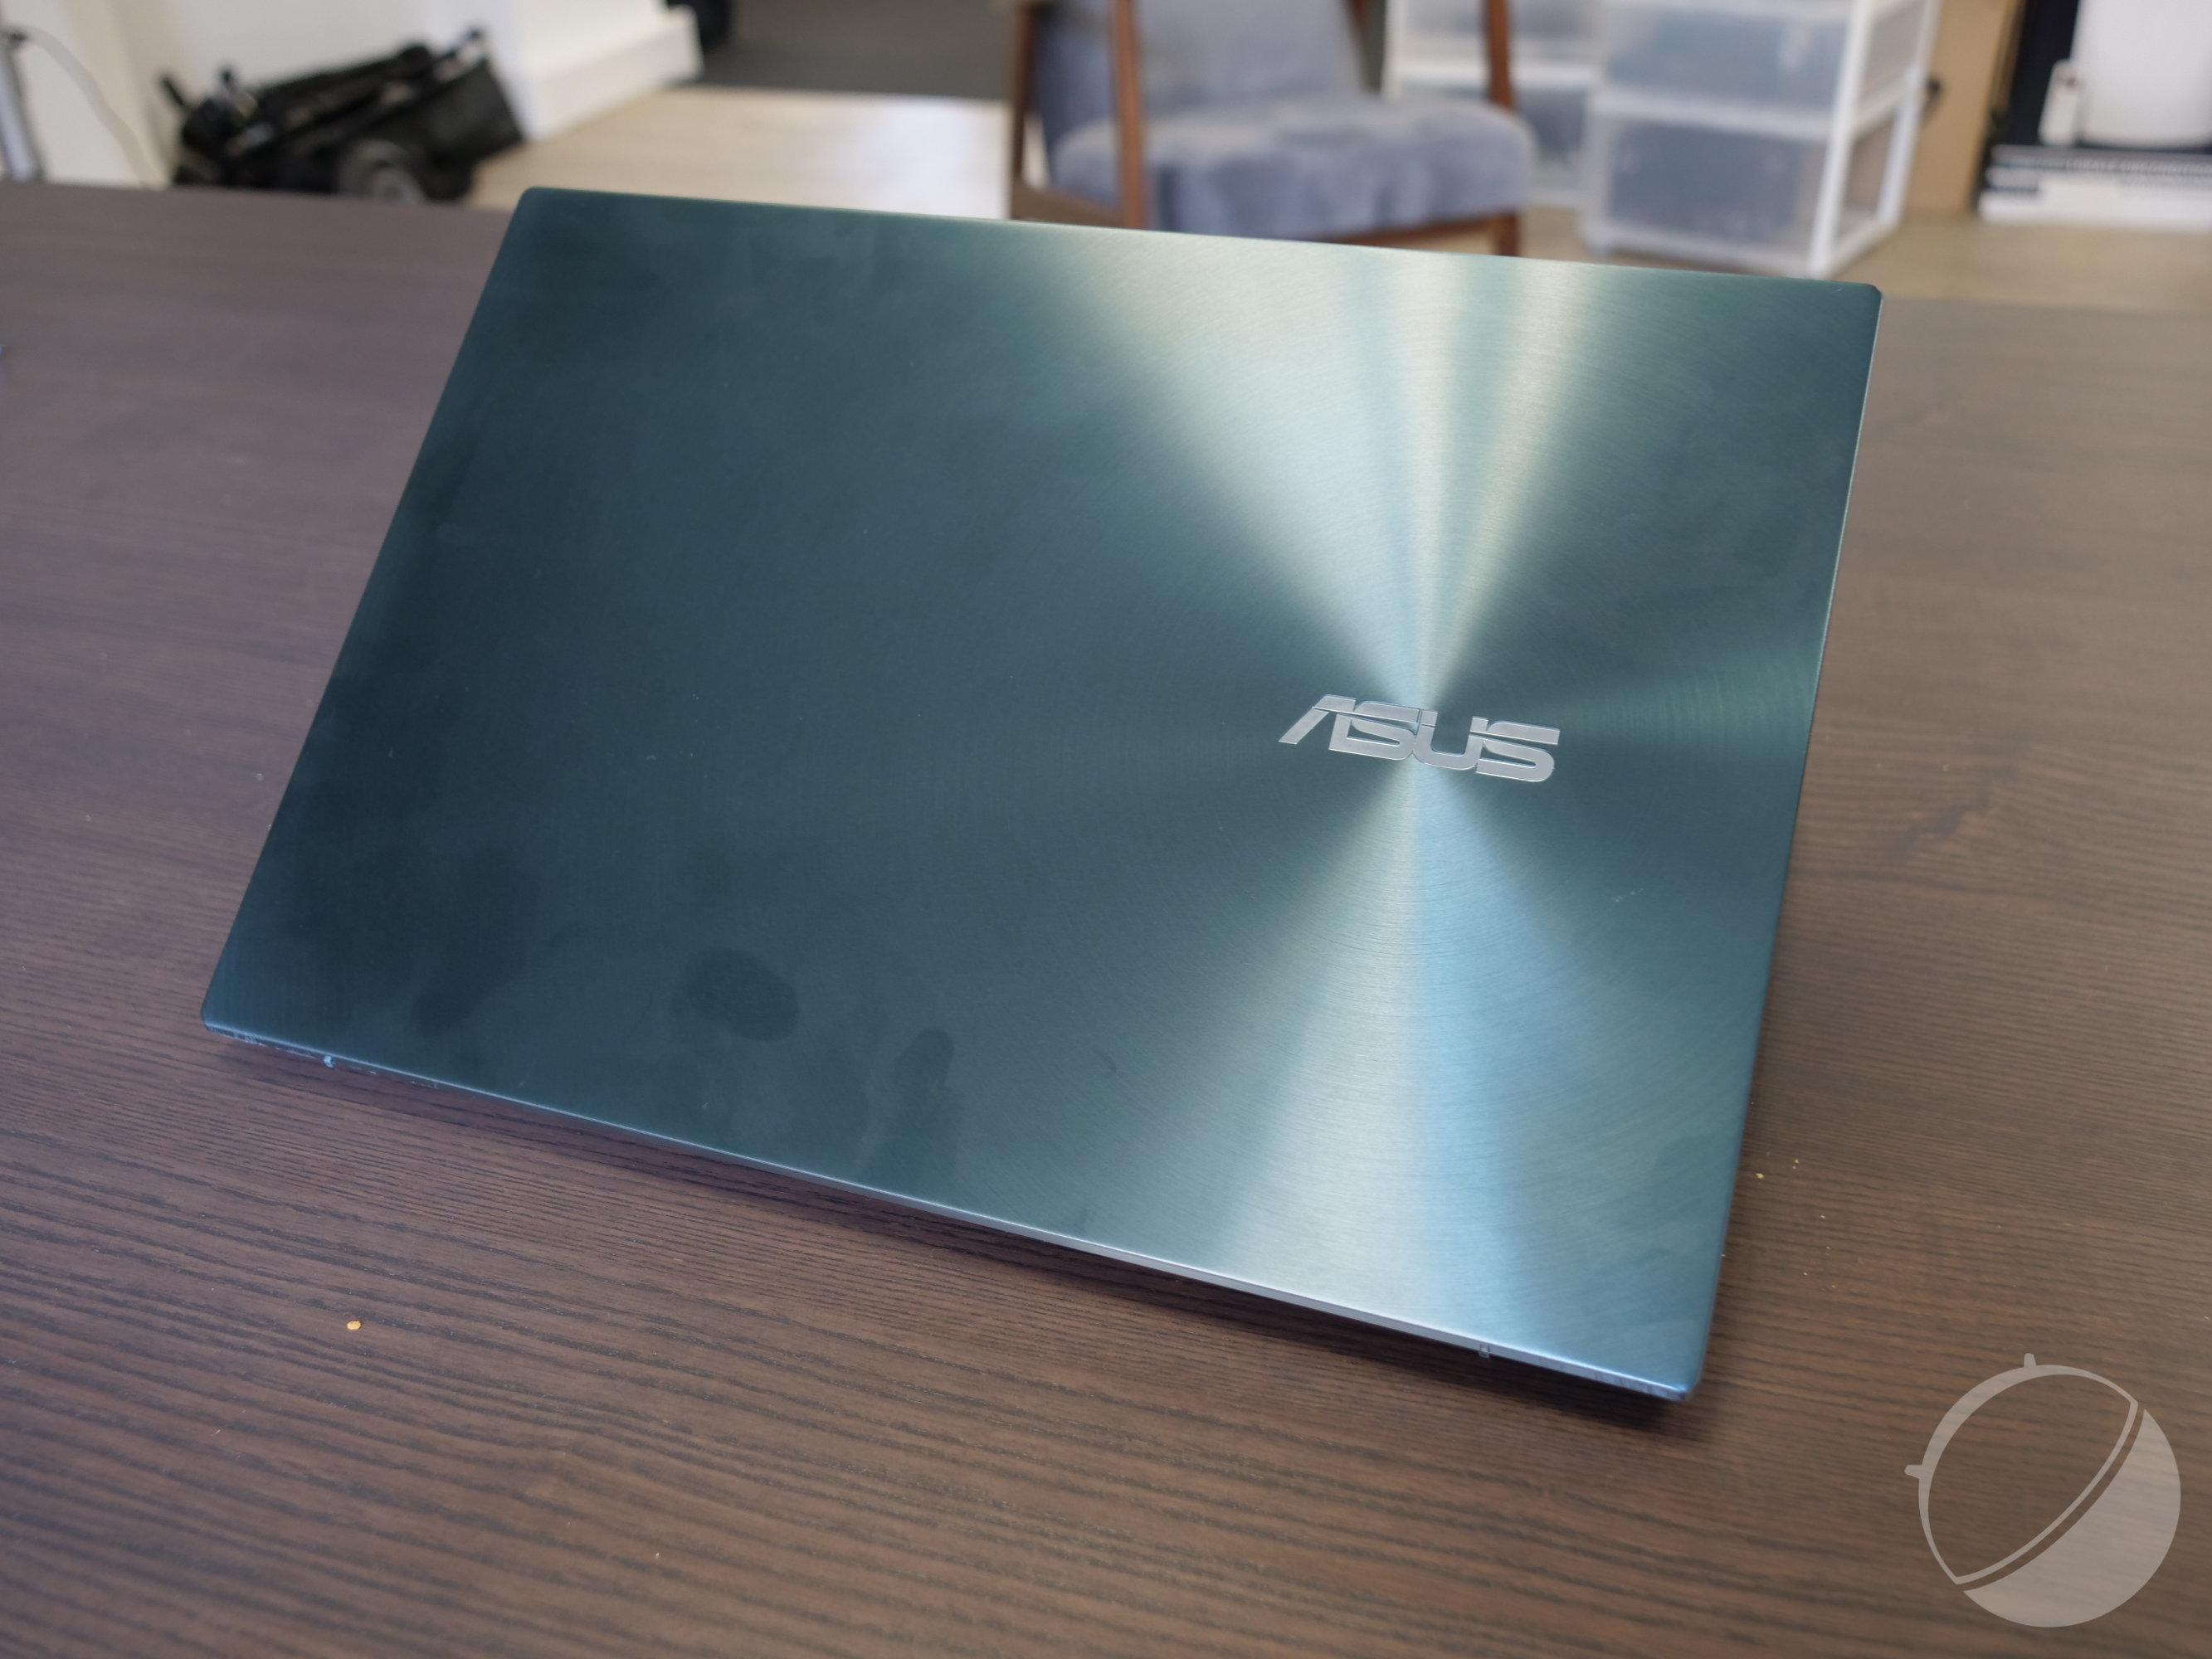 Test du Asus ZenBook Pro Duo UX581 (4K OLED) : deux écrans pour le prix de deux